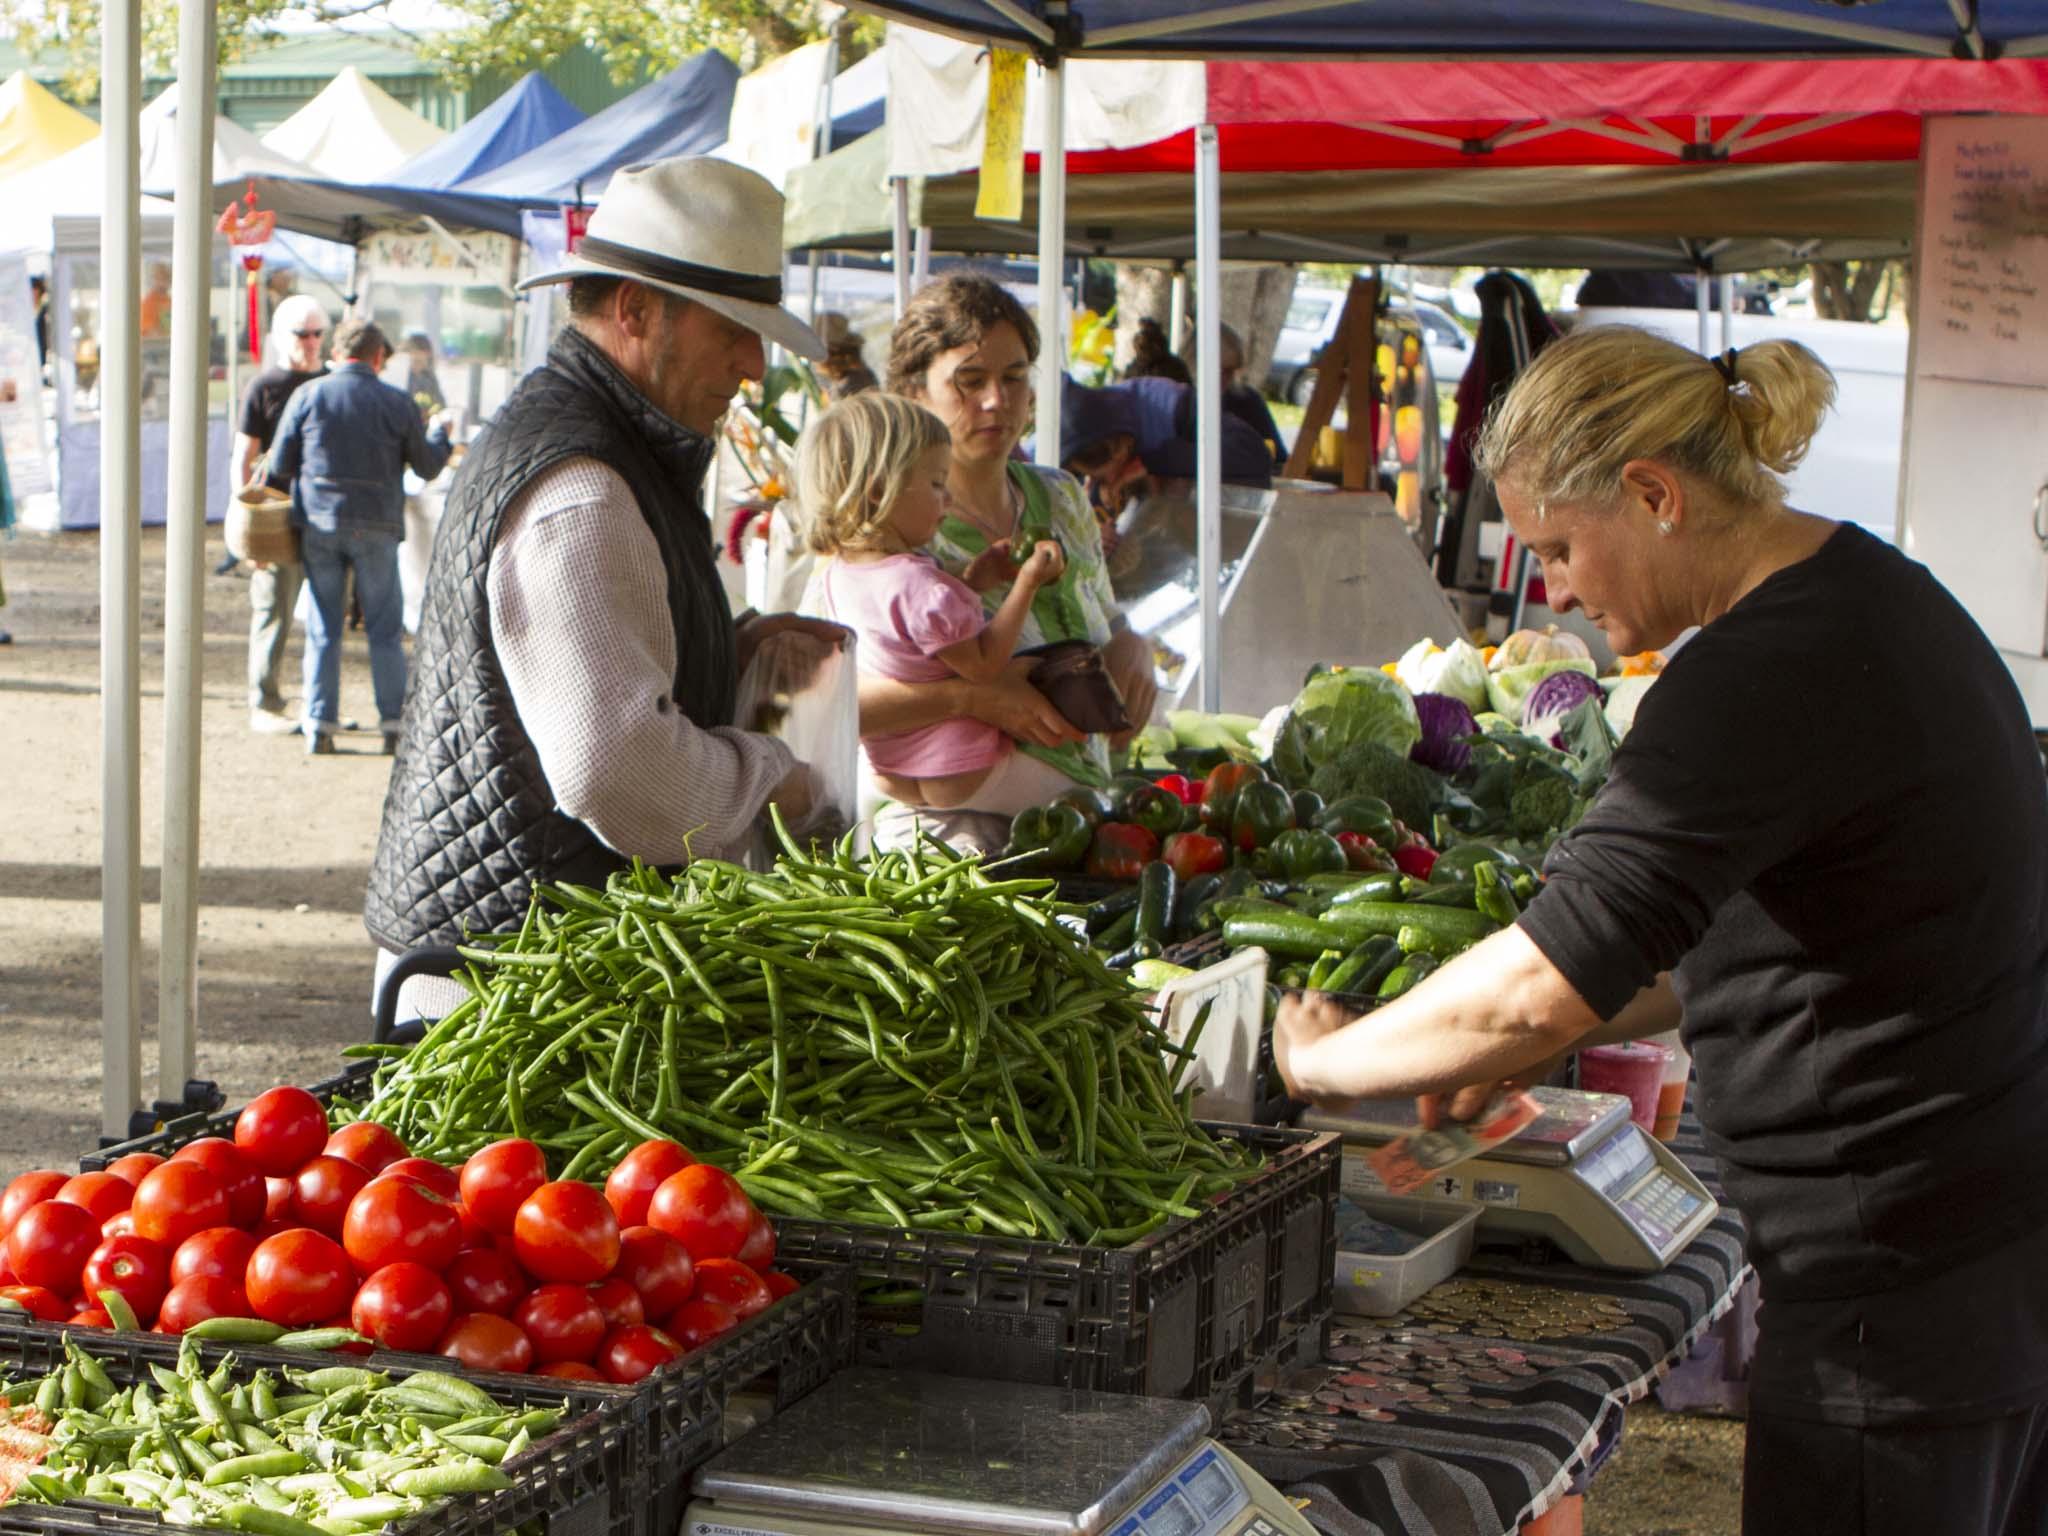 BJ farmers market